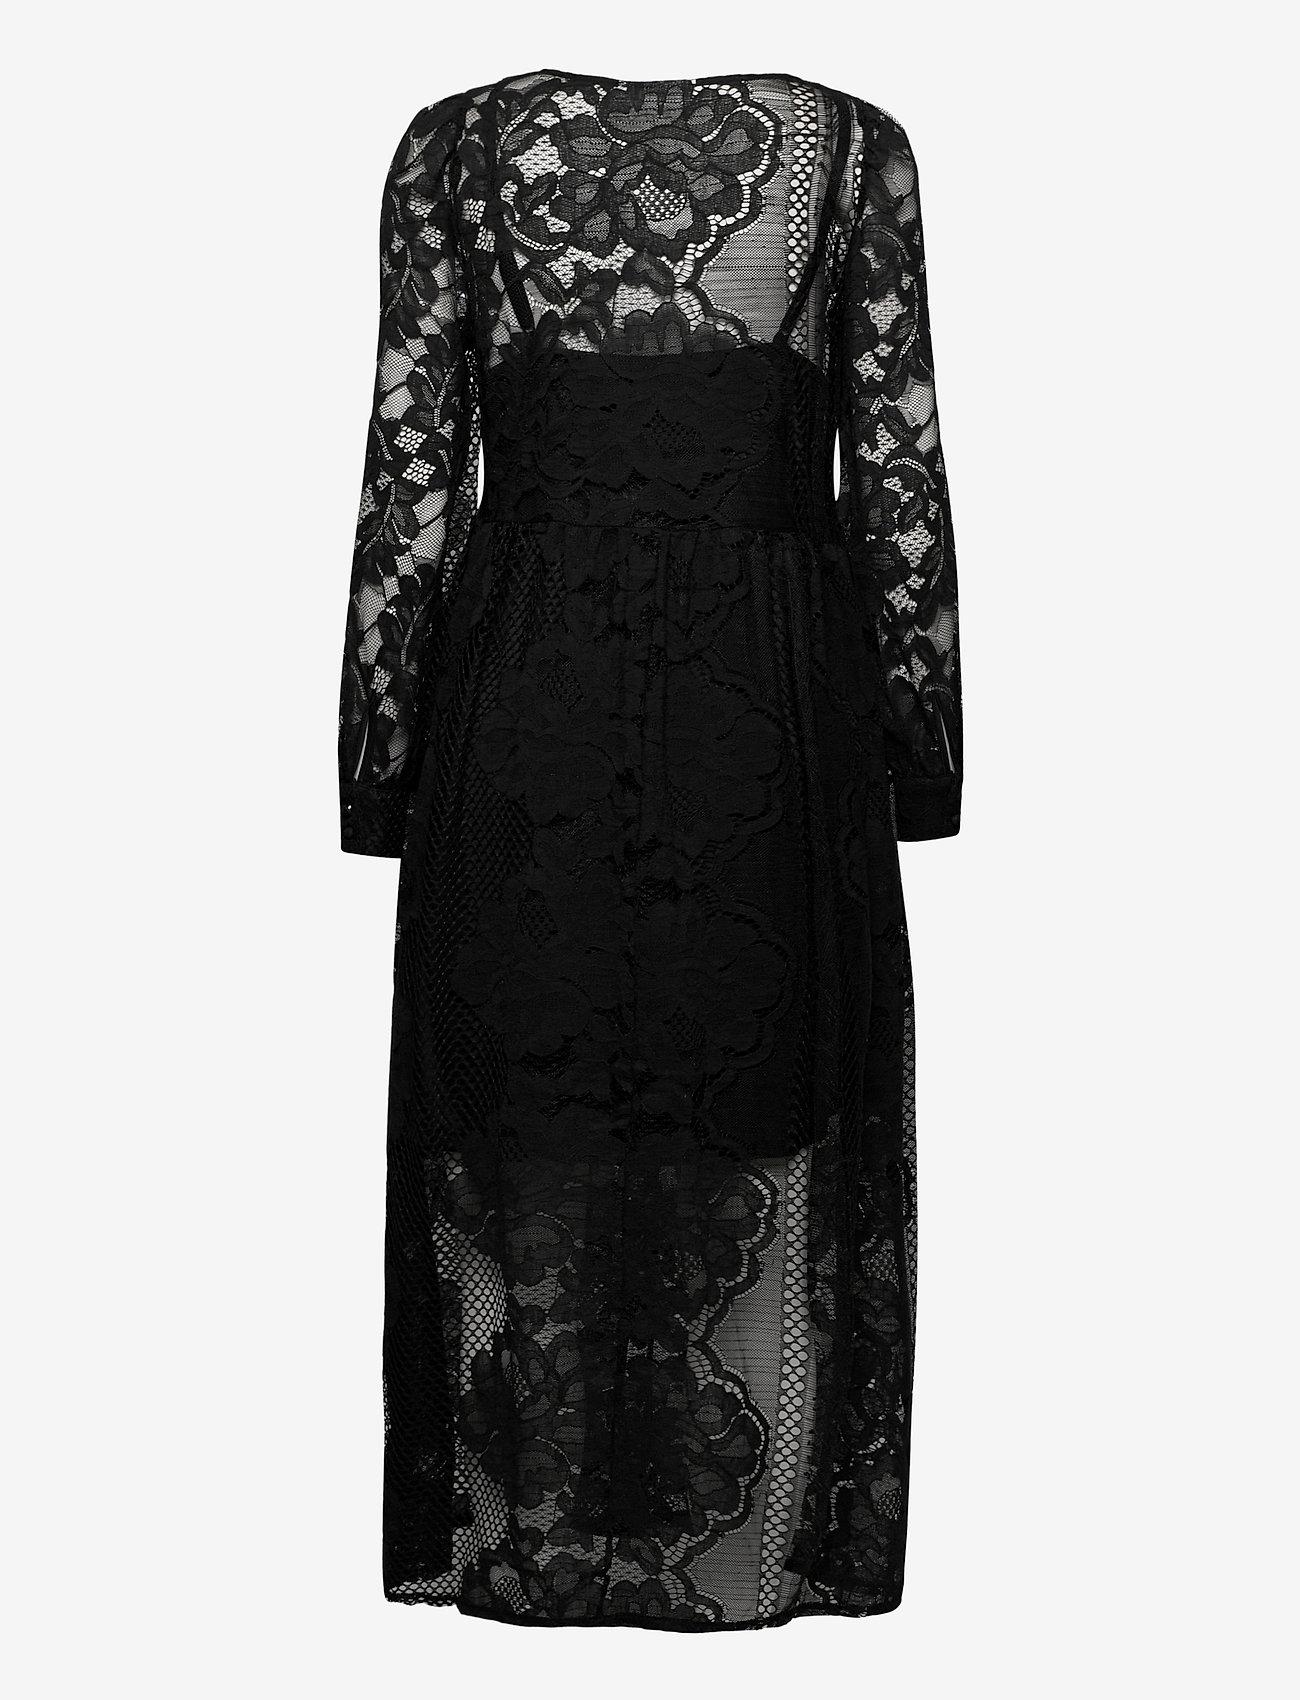 ICHI - IHEBONIQUE DR - midi dresses - black - 1